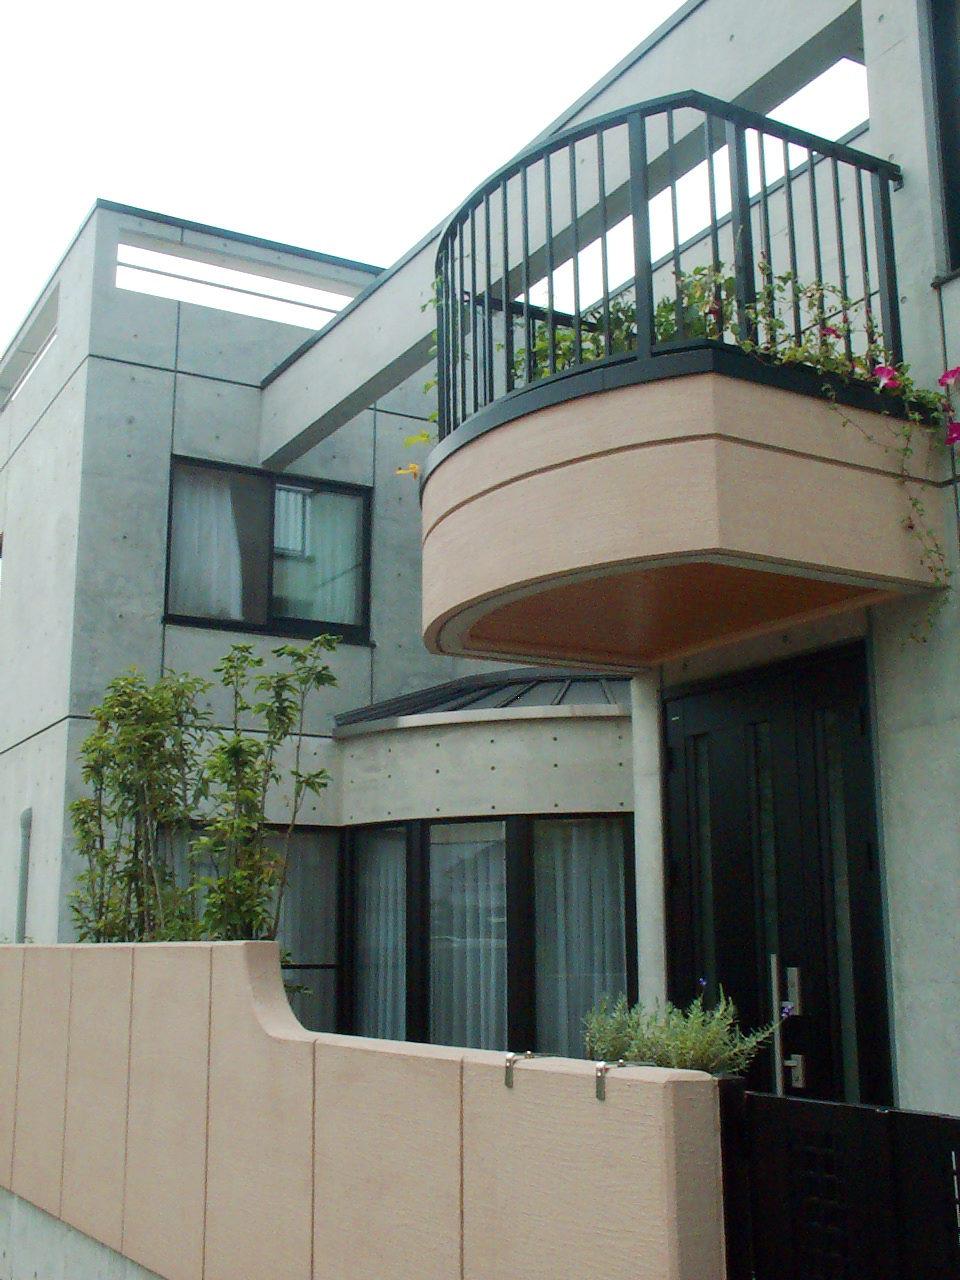 バリアフリー三世帯住宅の鉄筋コンクリート造打ち放し住宅の設計・デザイン